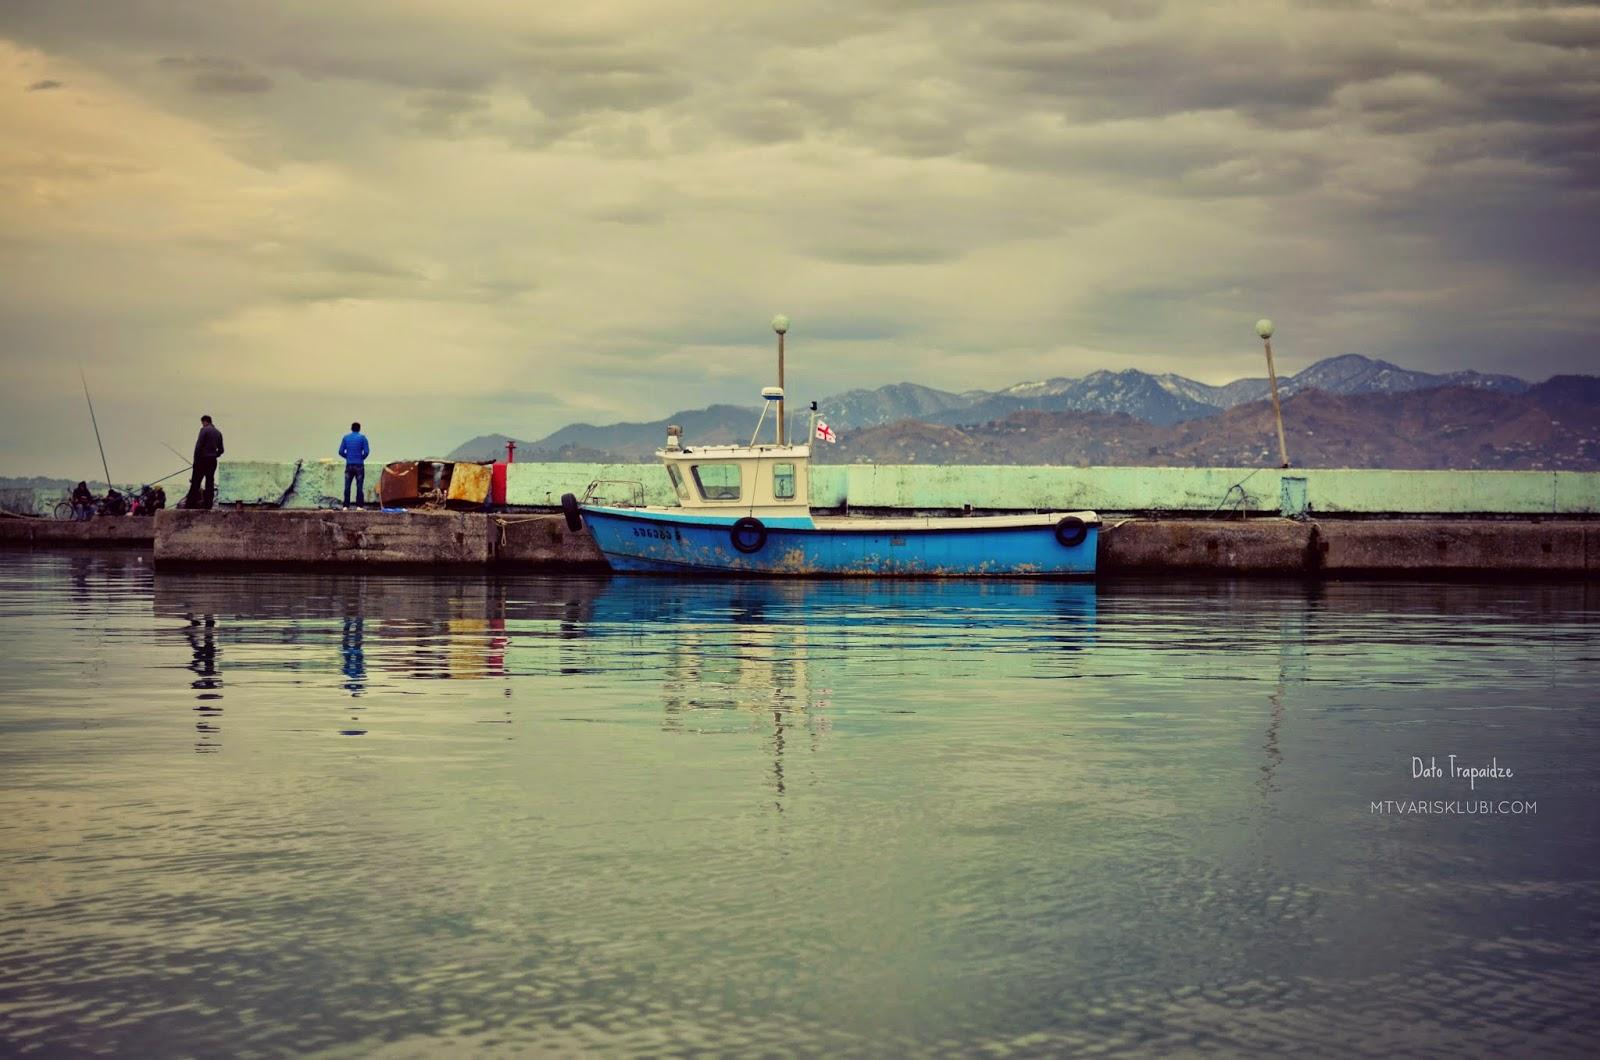 მარტი, ბათუმი [ფოტო]  March, Batumi [Photo]